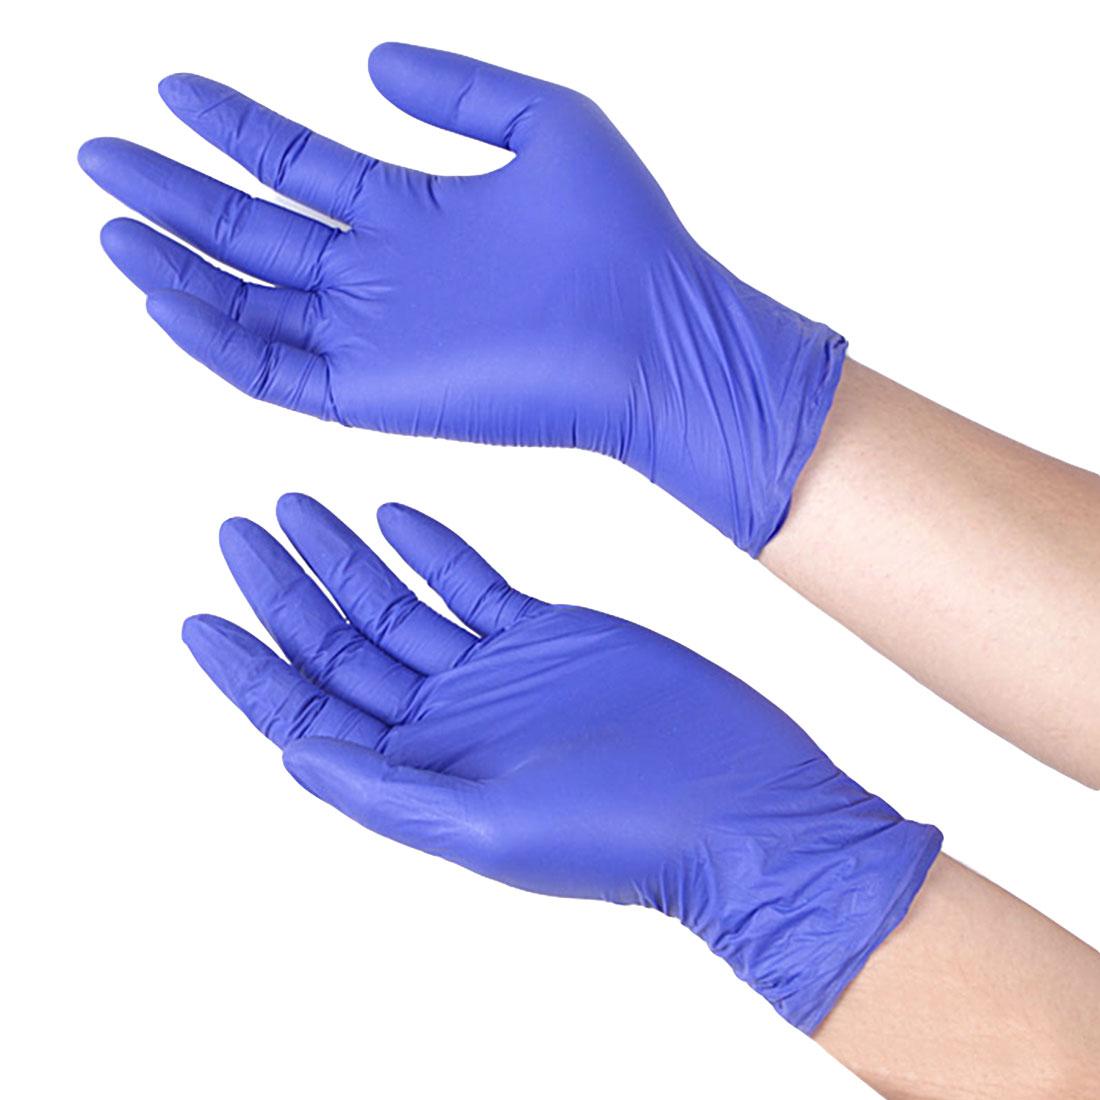 gloves House cleaner handjob